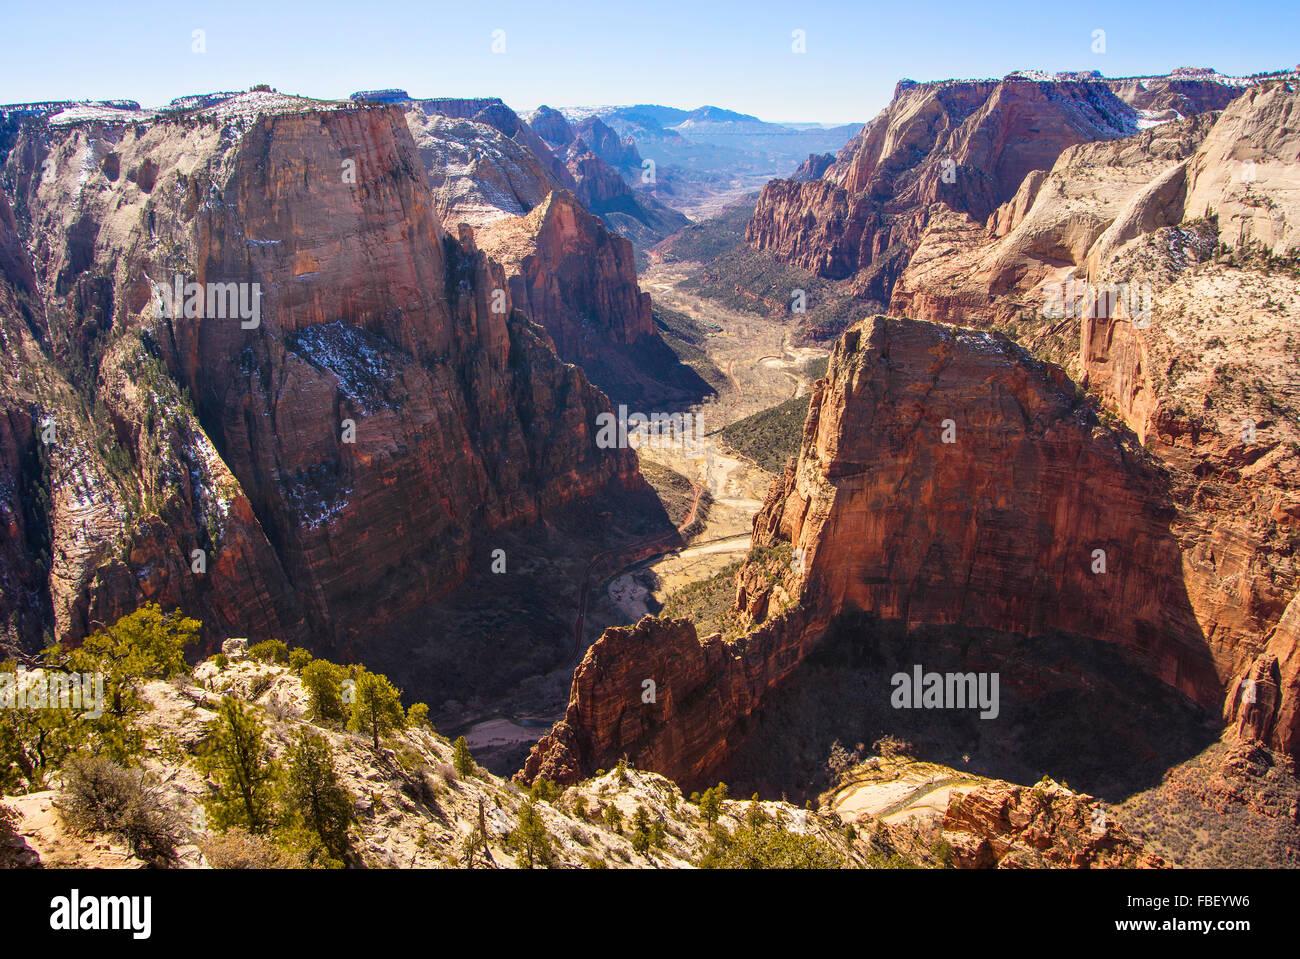 Vista Canyon, Parque Nacional Zion Imagen De Stock